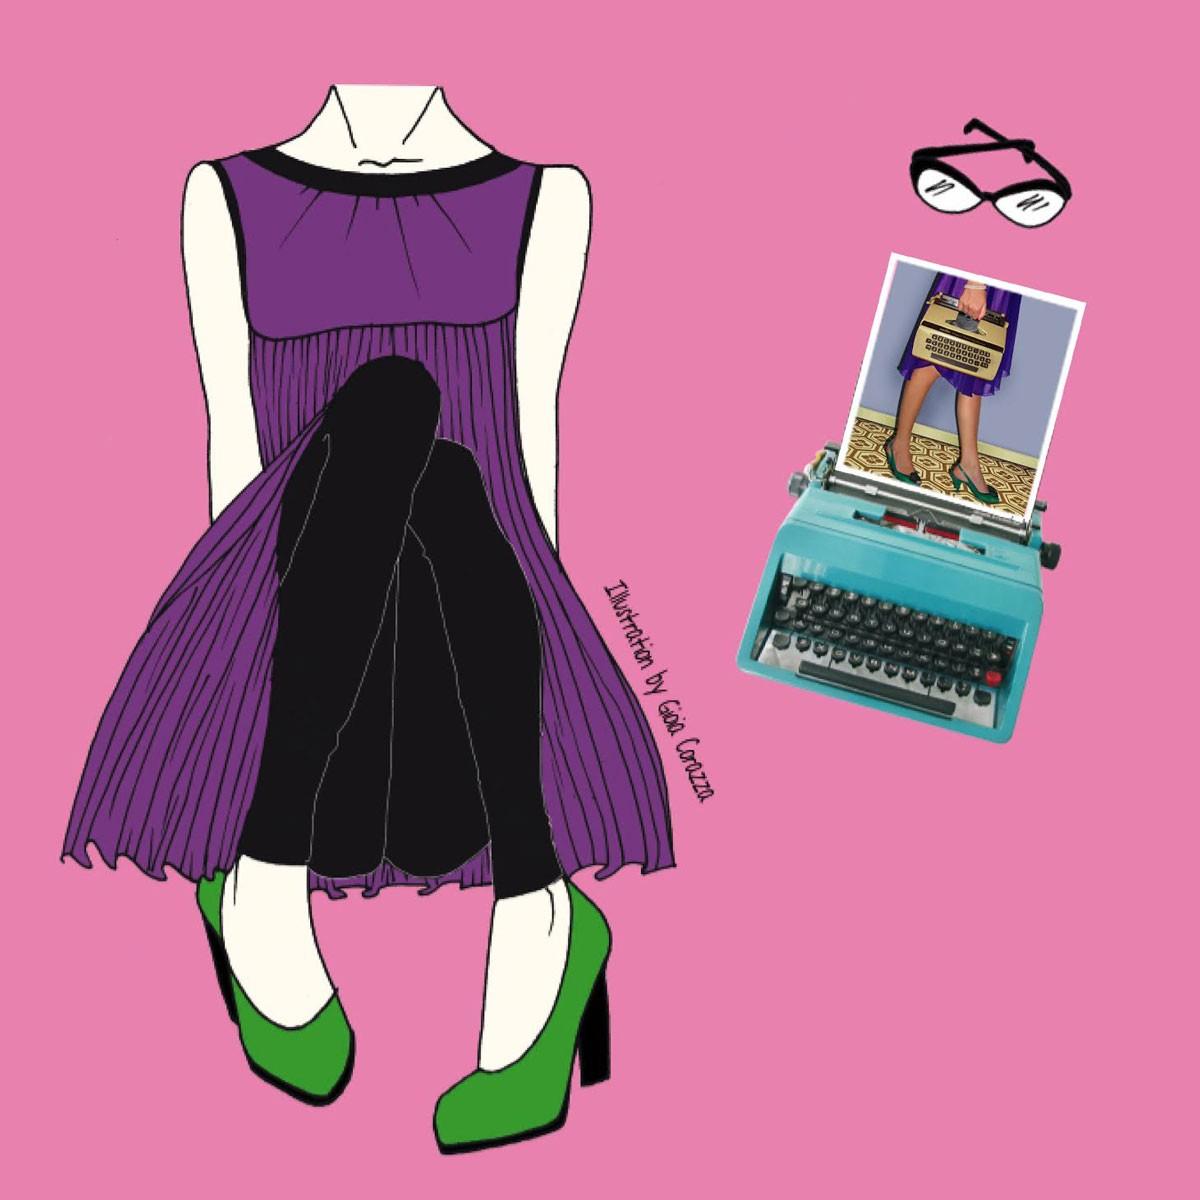 L'illustrazione di Gioia Corazza per la copertina di Voglio scrivere per Vanity Fair